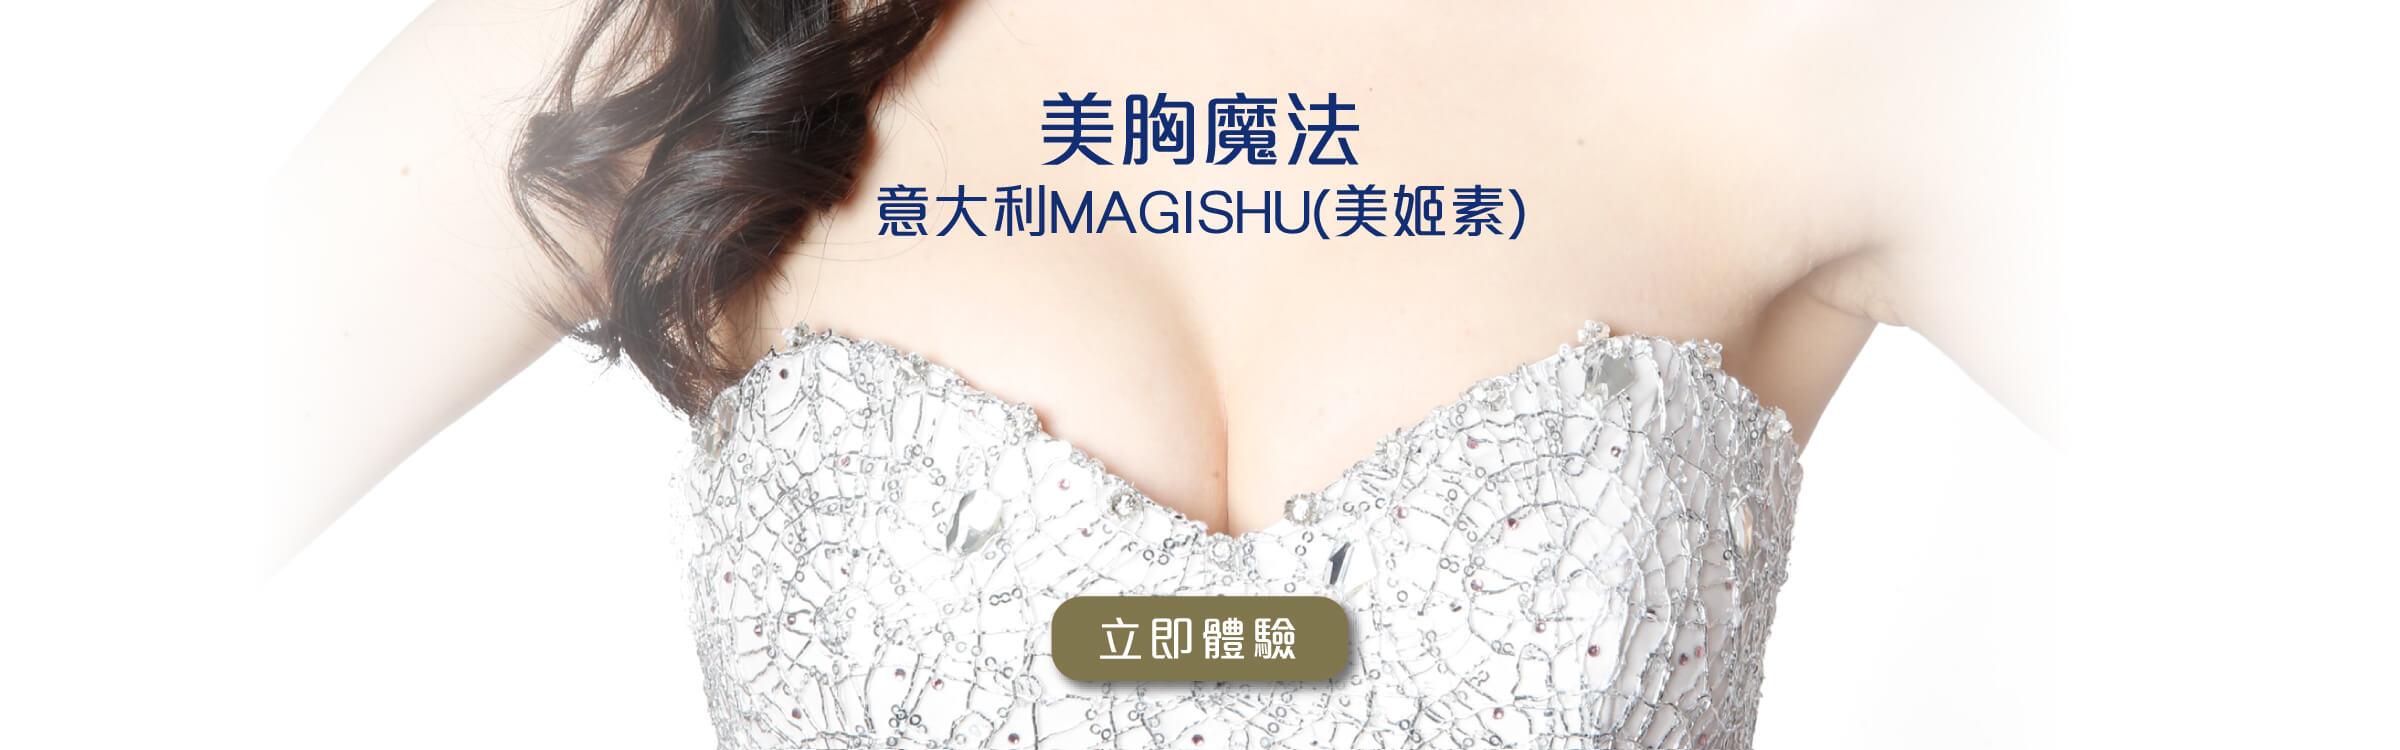 美胸皇牌 意大利Magishu